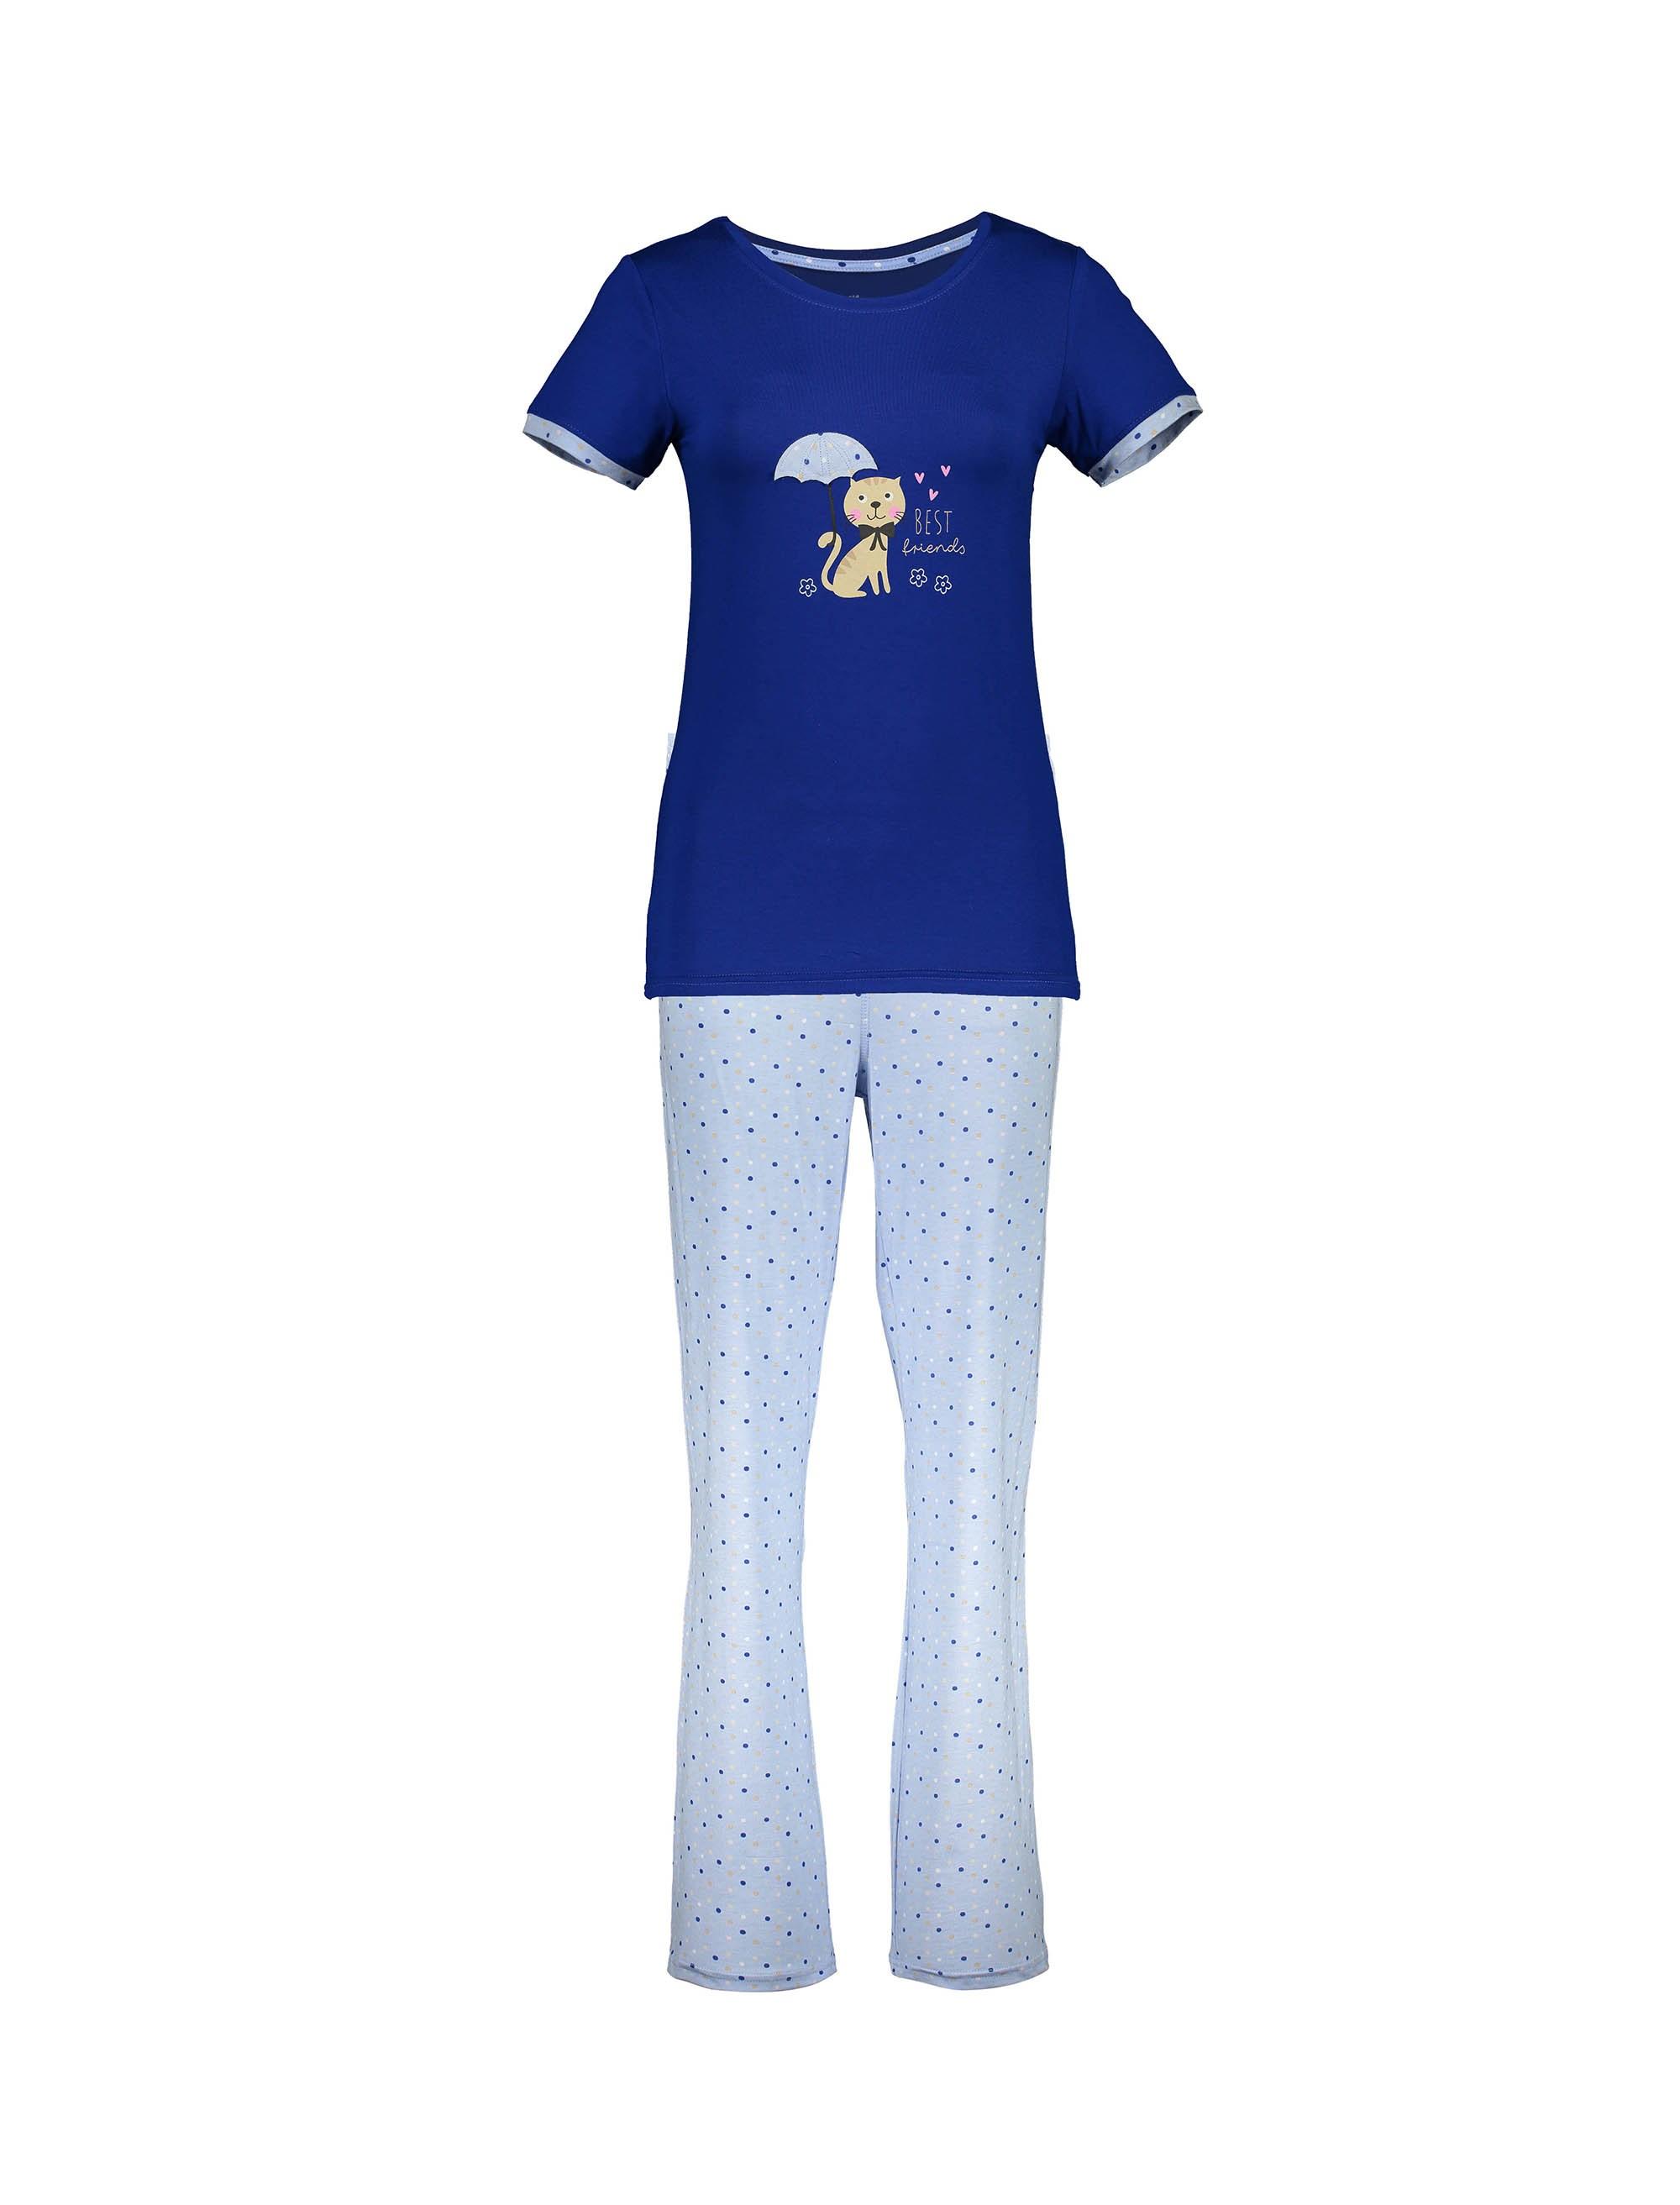 تی شرت و شلوار نخی زنانه - ناربن - آبي - 1